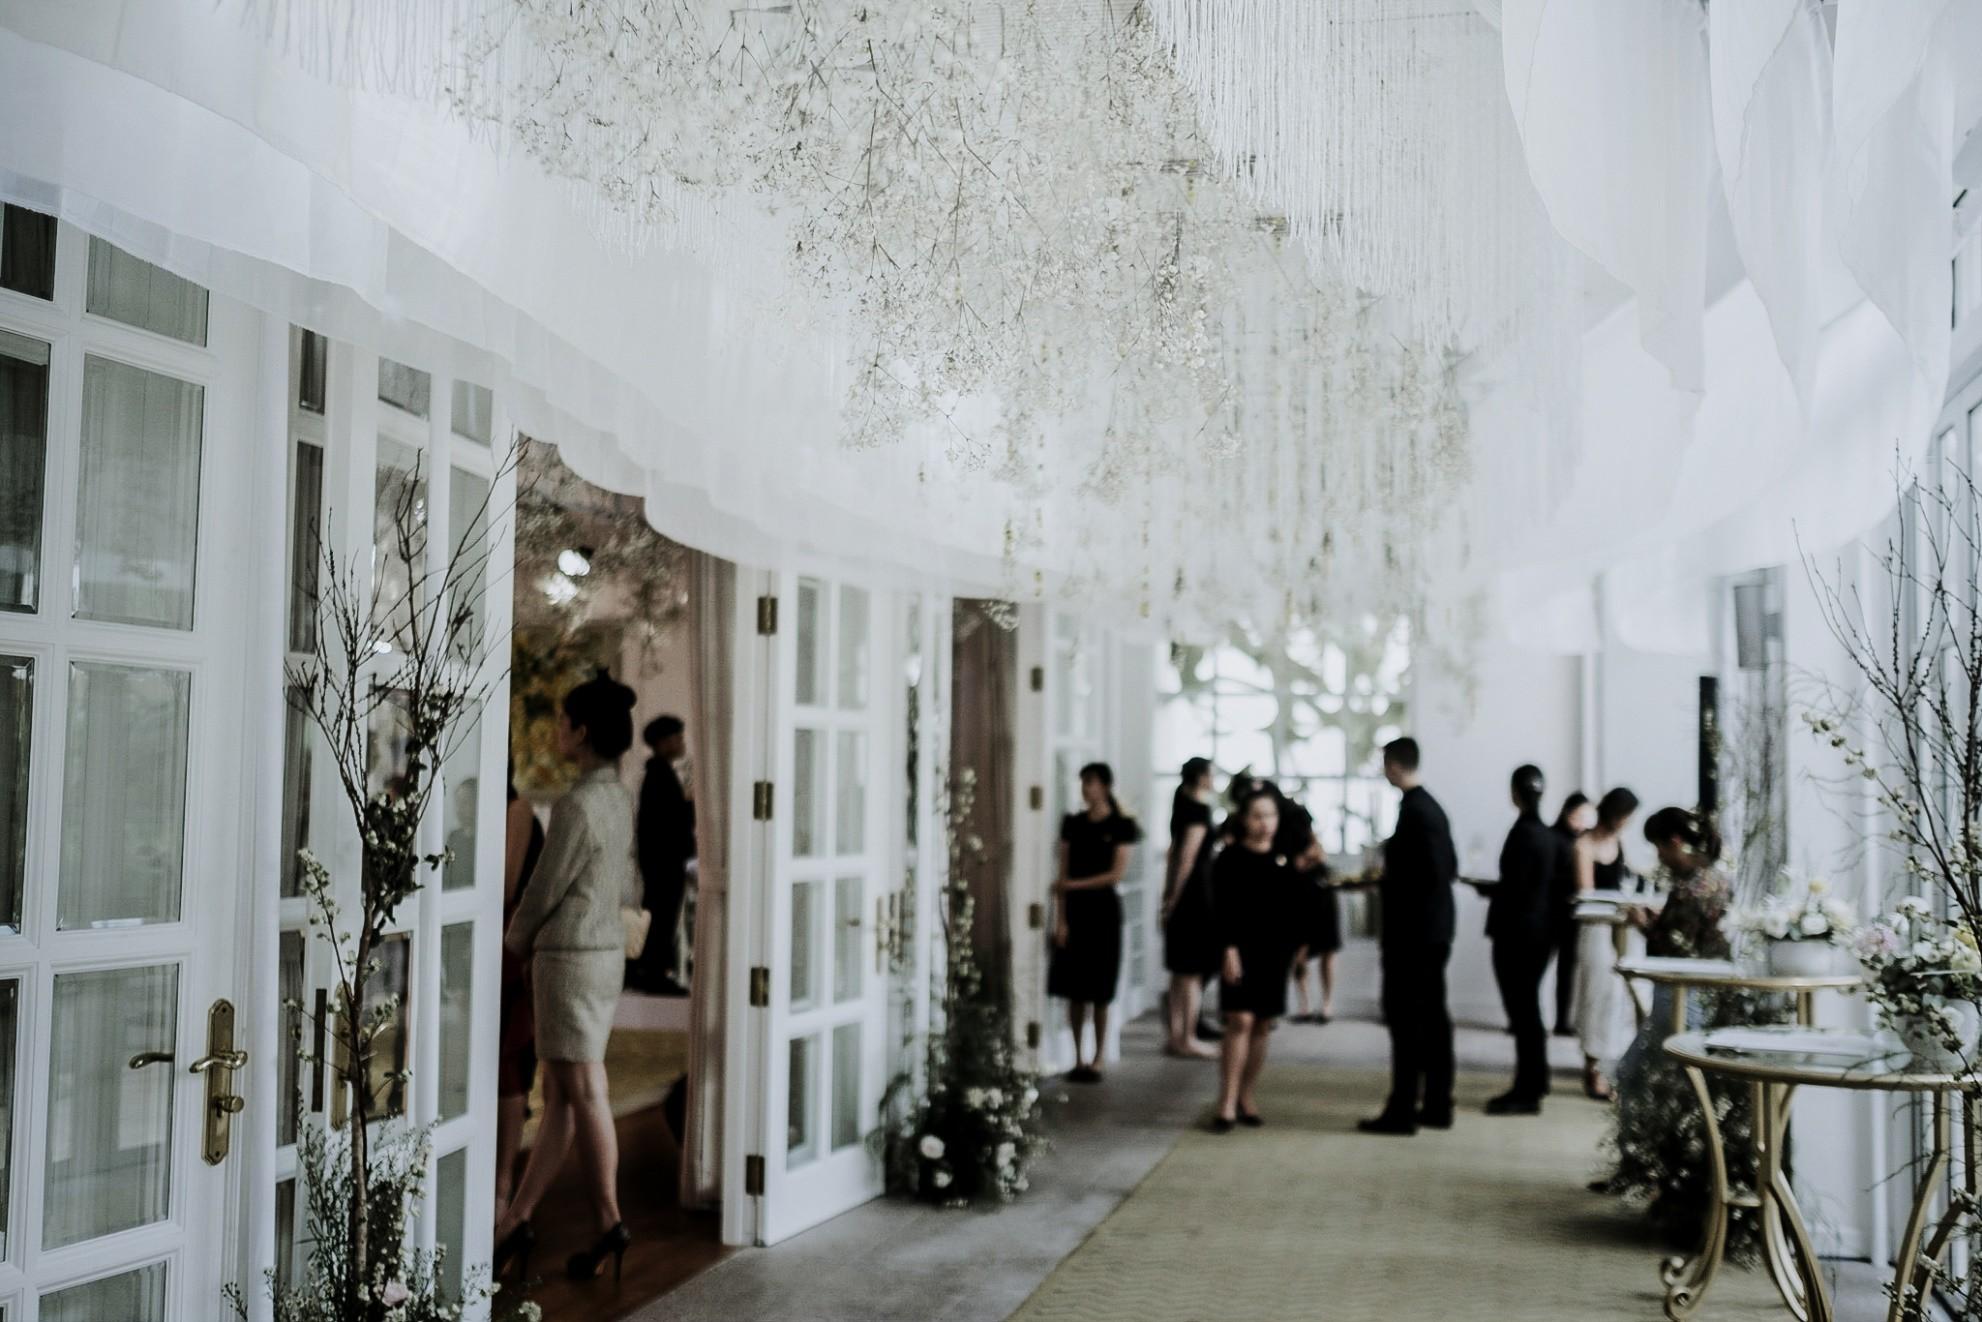 Hé lộ không gian thần tiên mộng ảo, chứa đựng các thiết kế cưới đẳng cấp của Phương My - Ảnh 4.